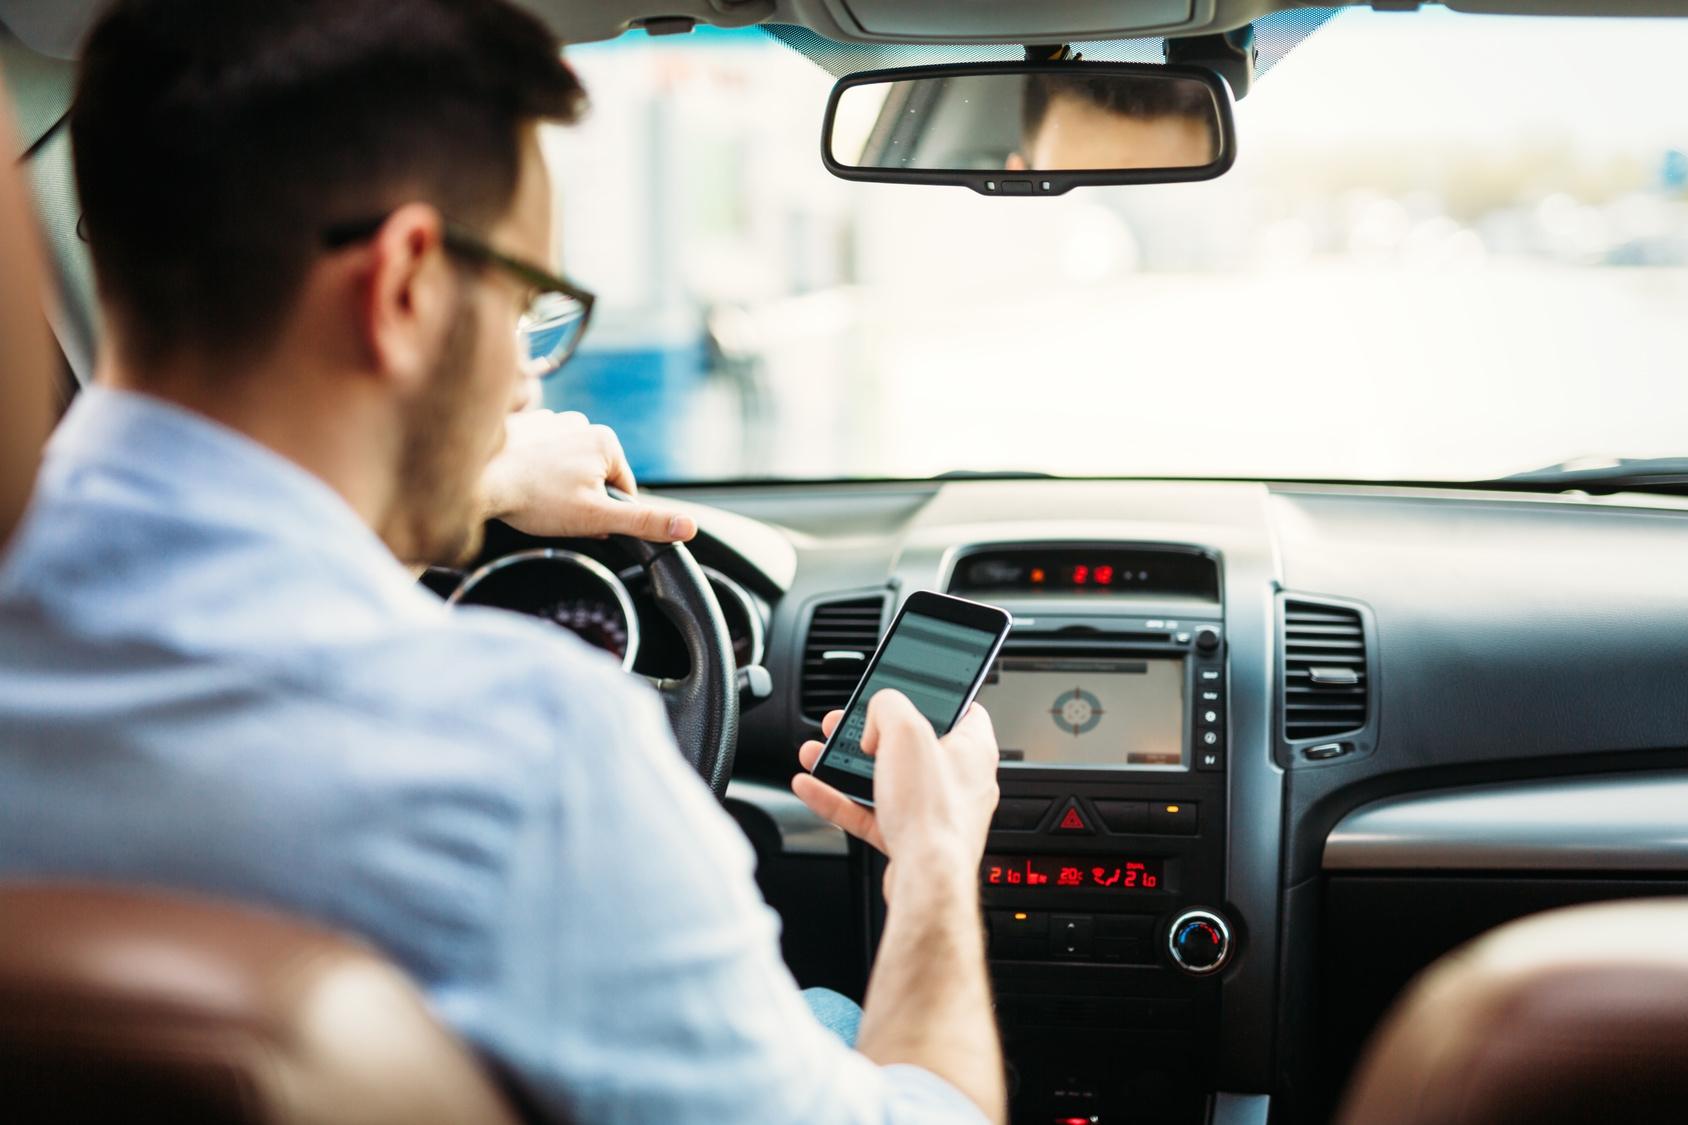 Während die Autofahrerin mit dem Handy am Ohr telefonierte, kam ihr Kombi von der Straße ab und krachte frontal an einen Baum